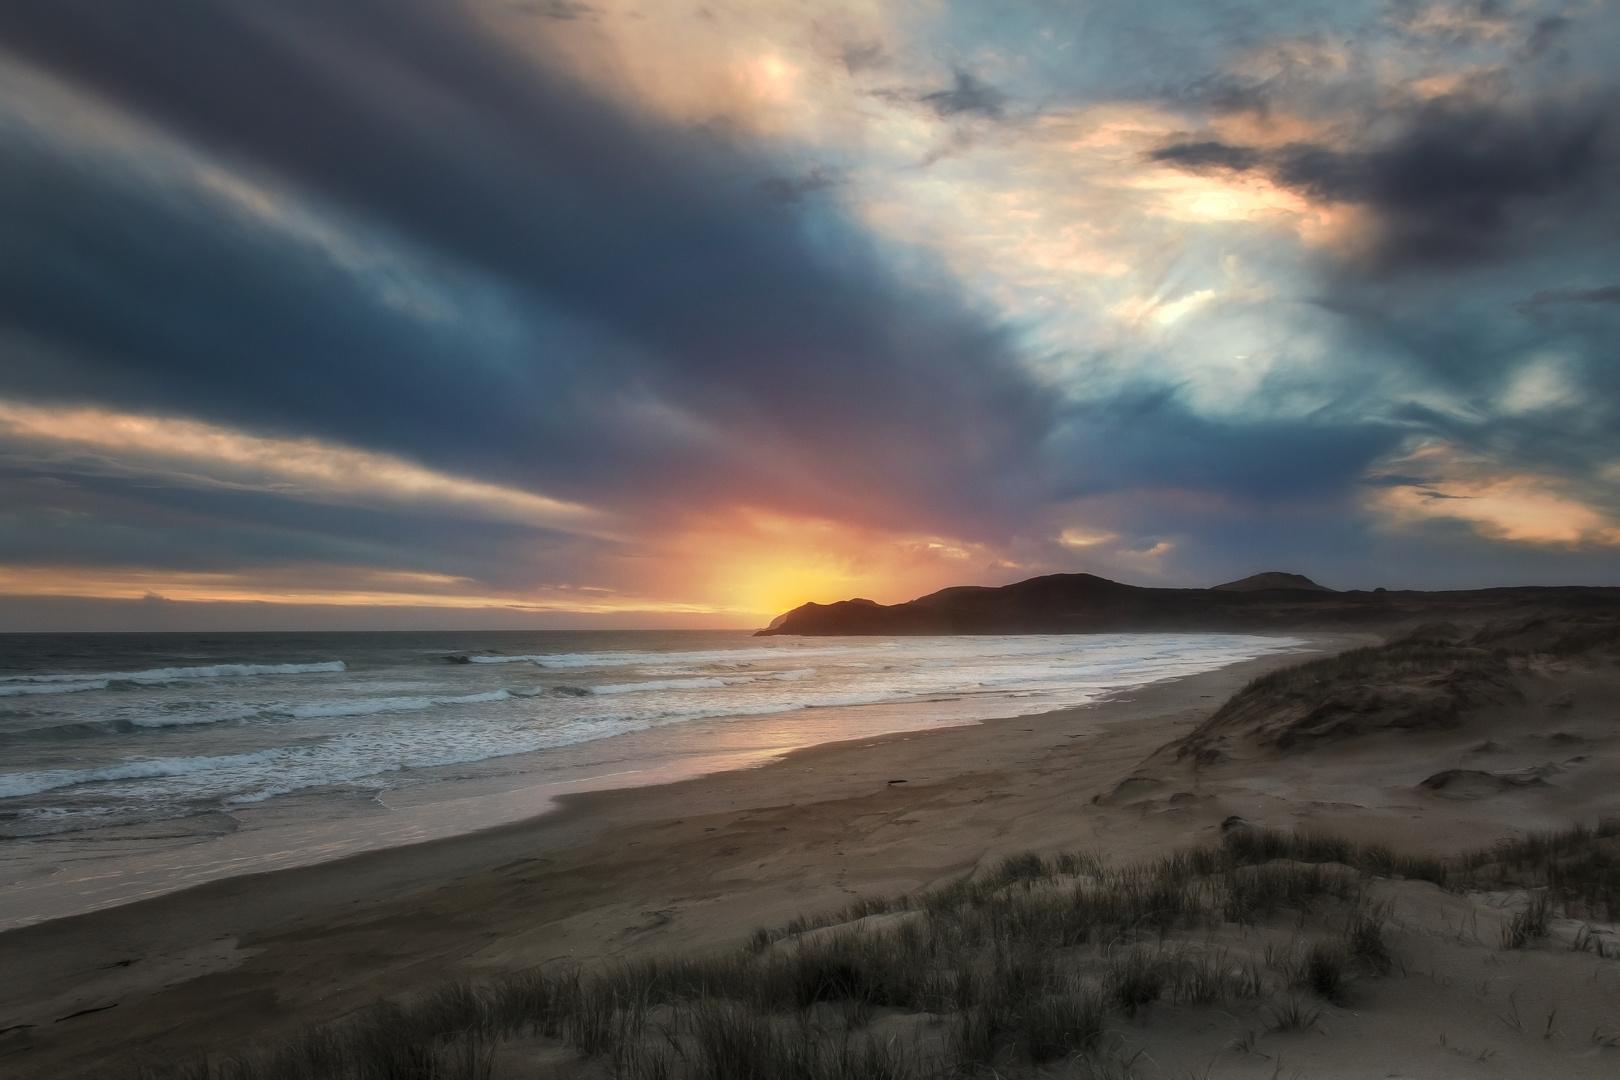 Sunset on 99 Mile Beach